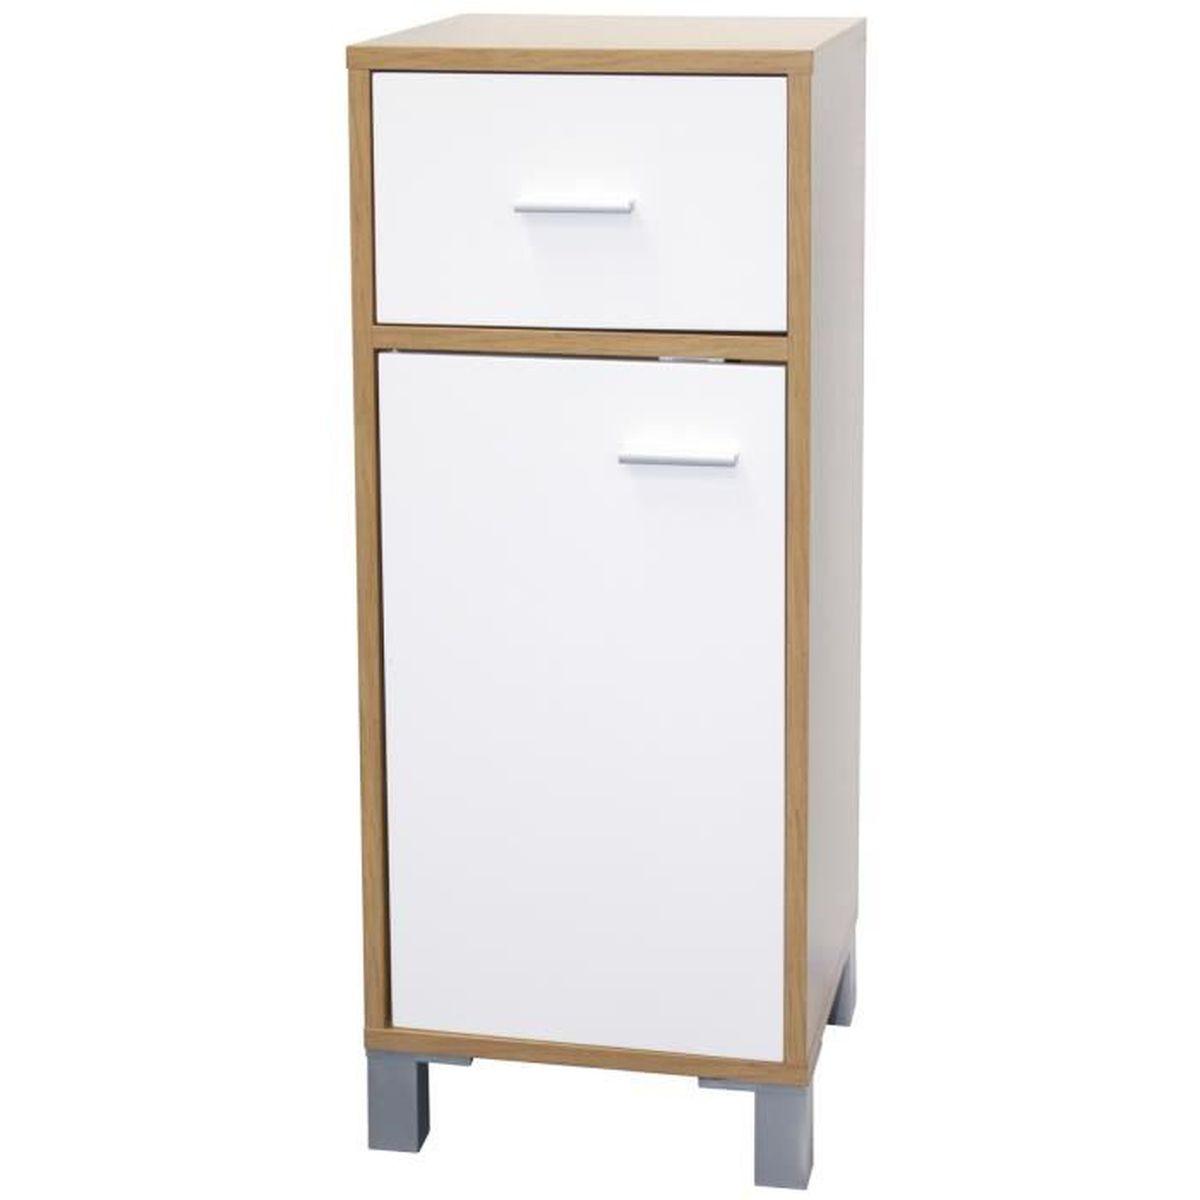 Meuble salle de bain en bois 1 tiroir et 1 porte bicolore for Meuble salle bain bois